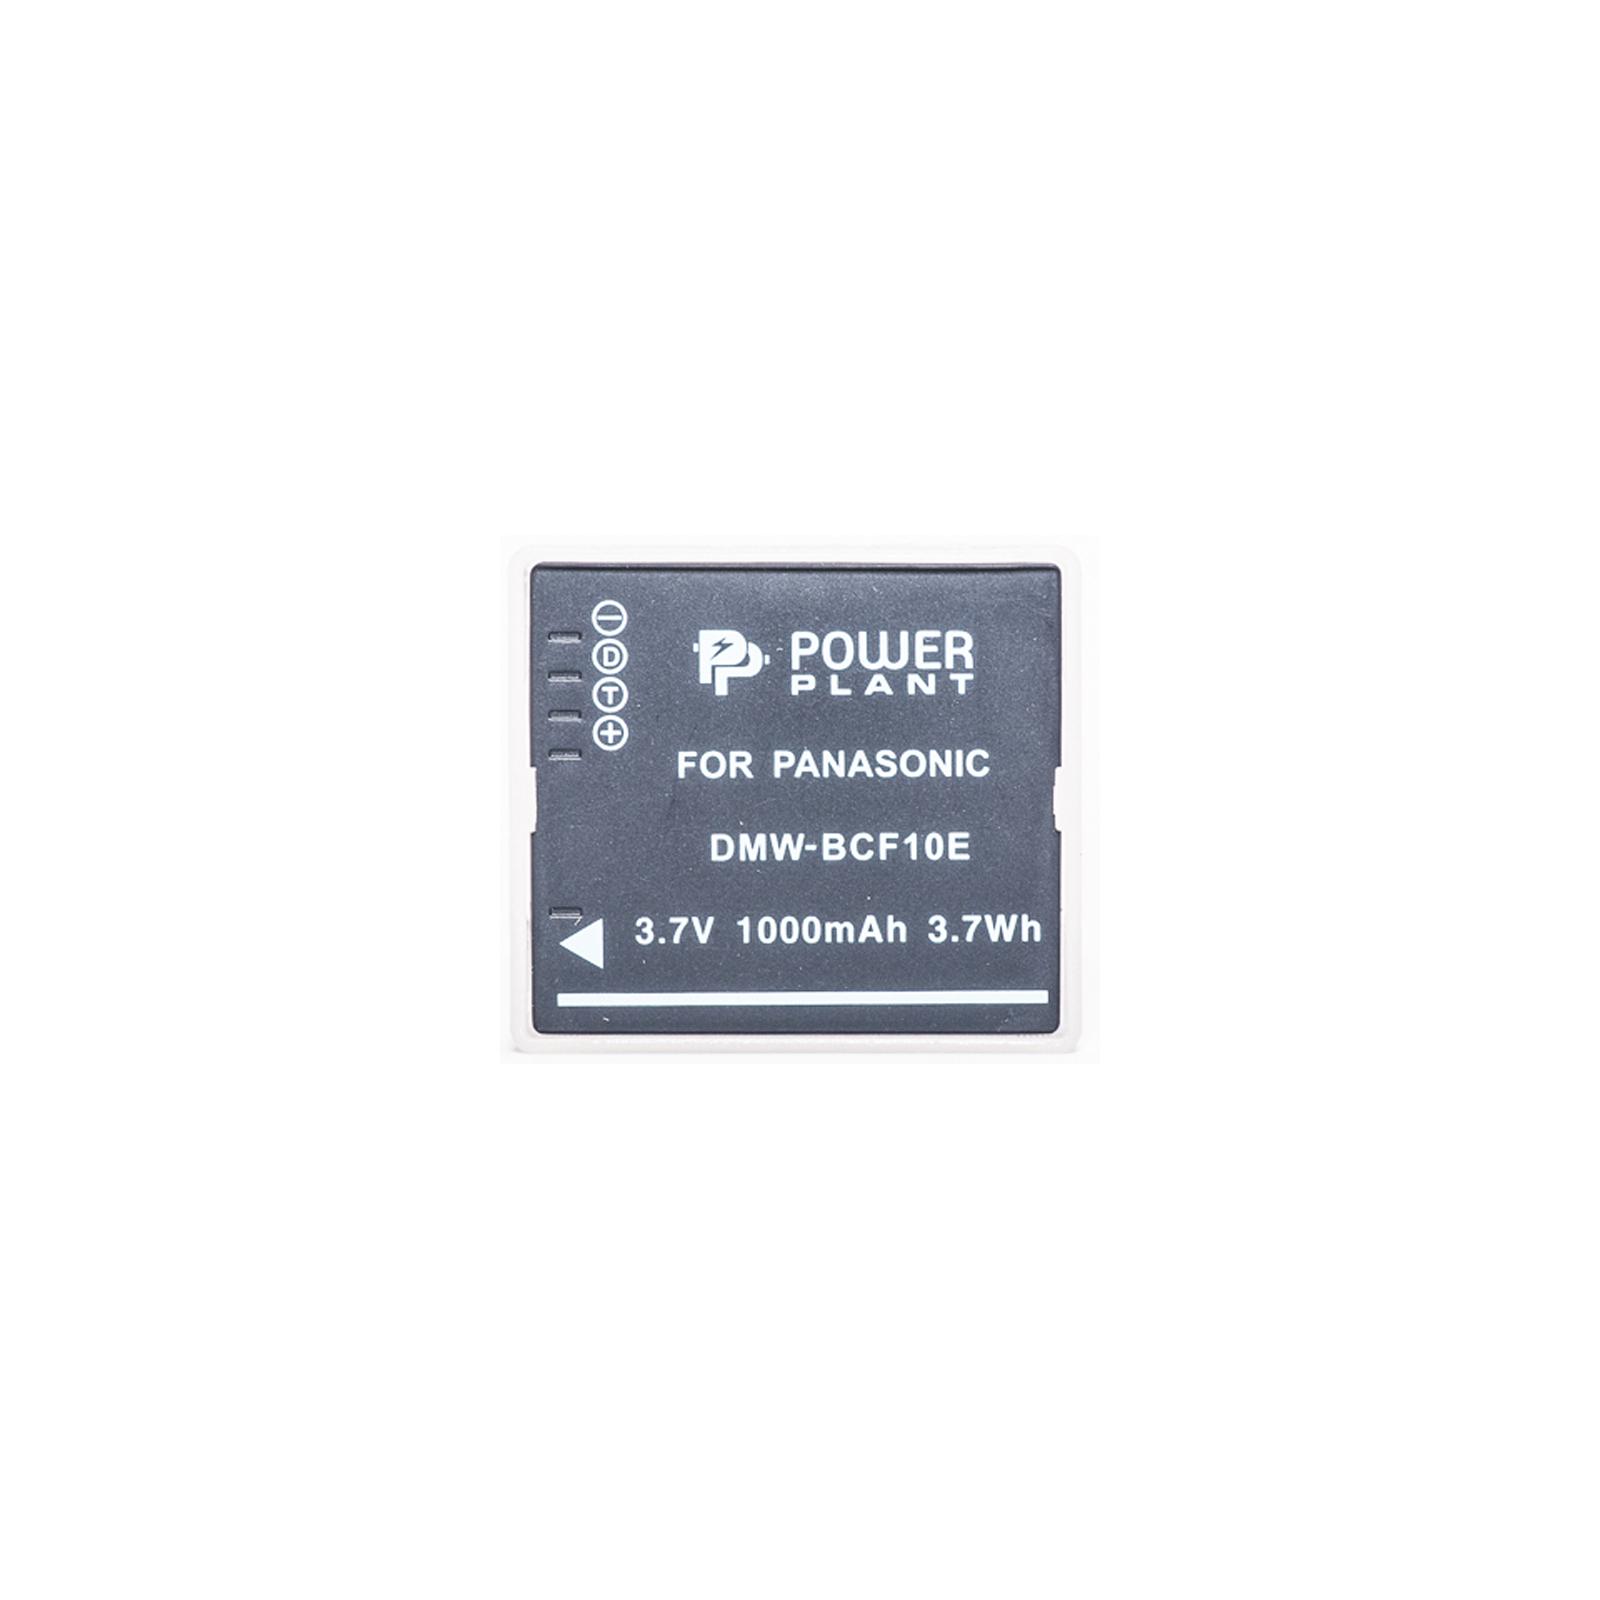 Аккумулятор к фото/видео PowerPlant Panasonic DMW-BCF10E (DV00DV1254